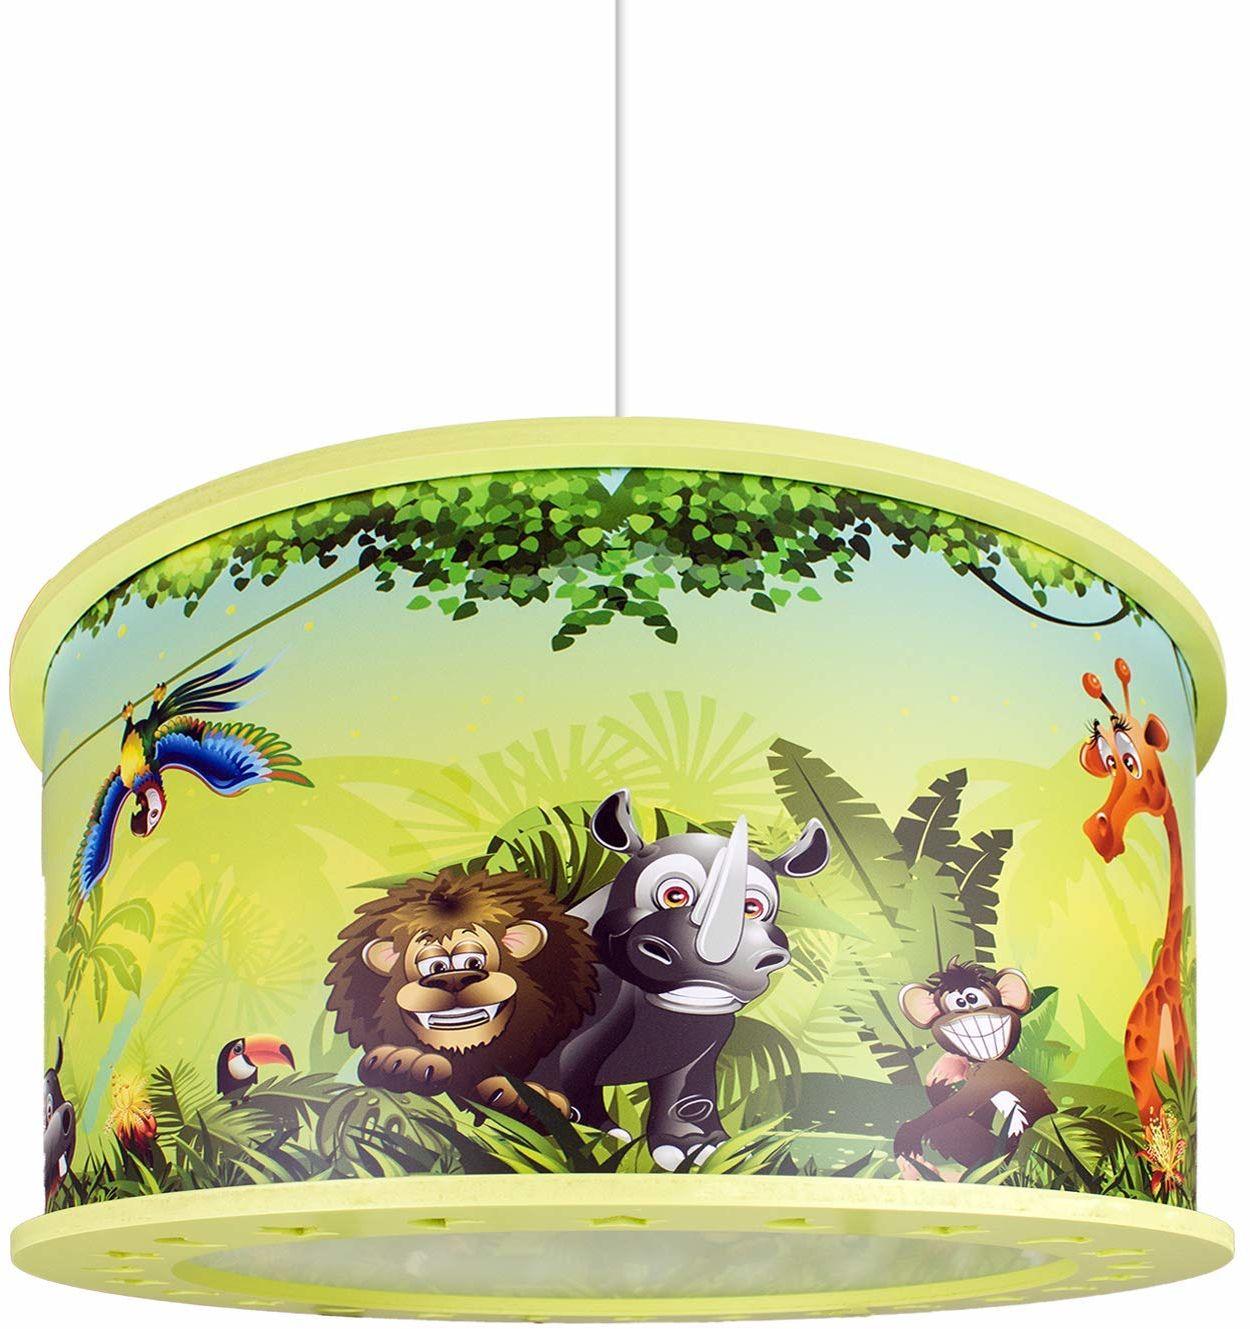 Elobra Lampa dziecięca lampa sufitowa lampa wisząca dziki dżungla, pokój dziecięcy, drewno, zielona, A++